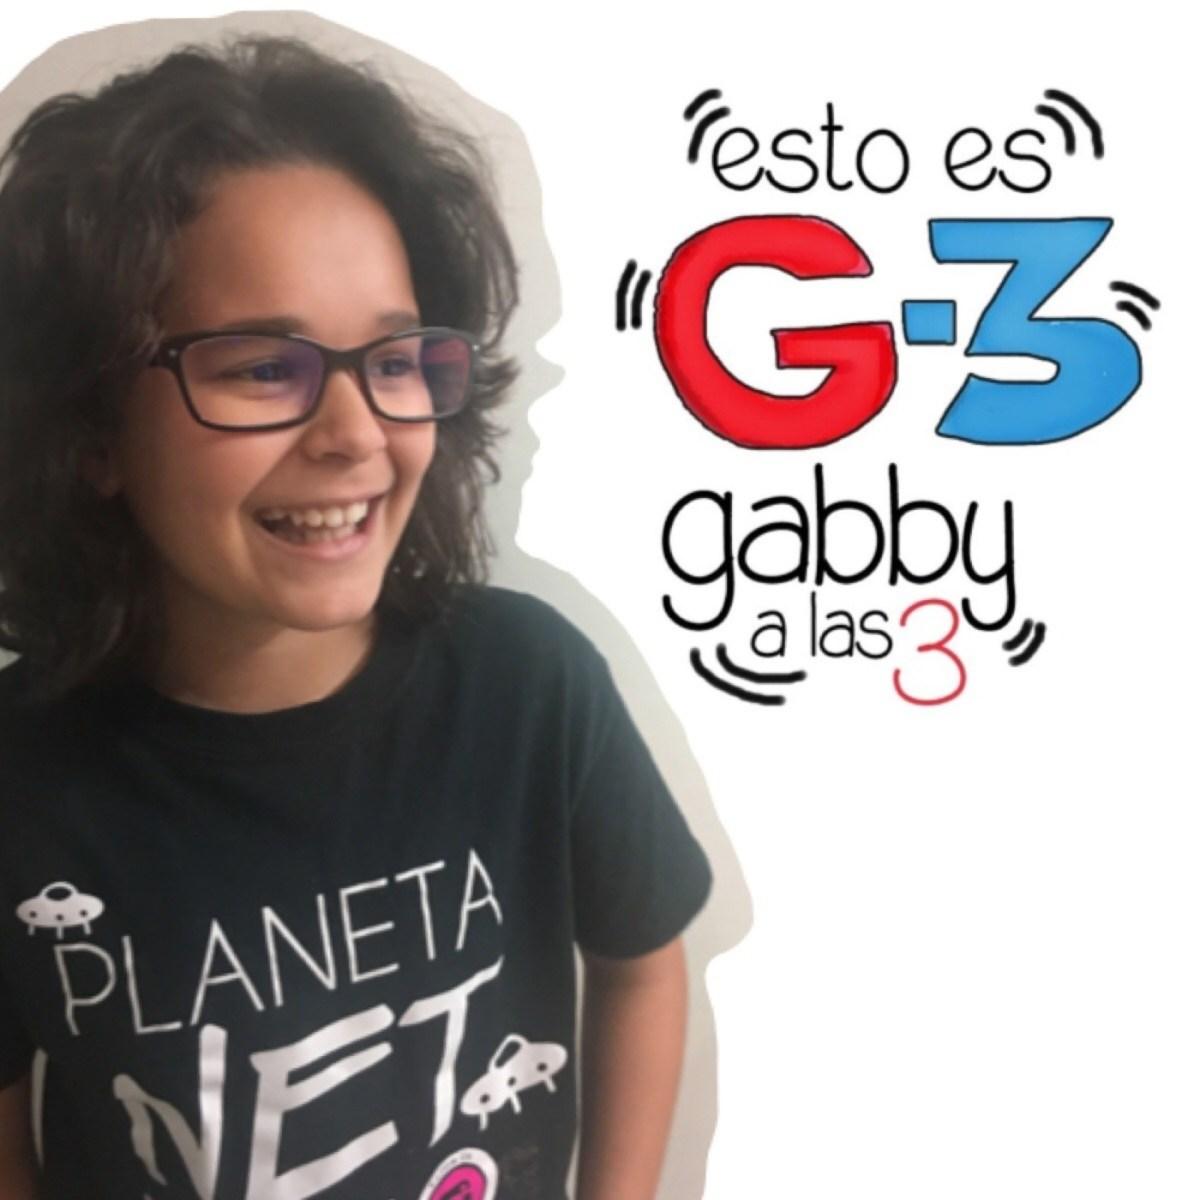 Gabby a las 3